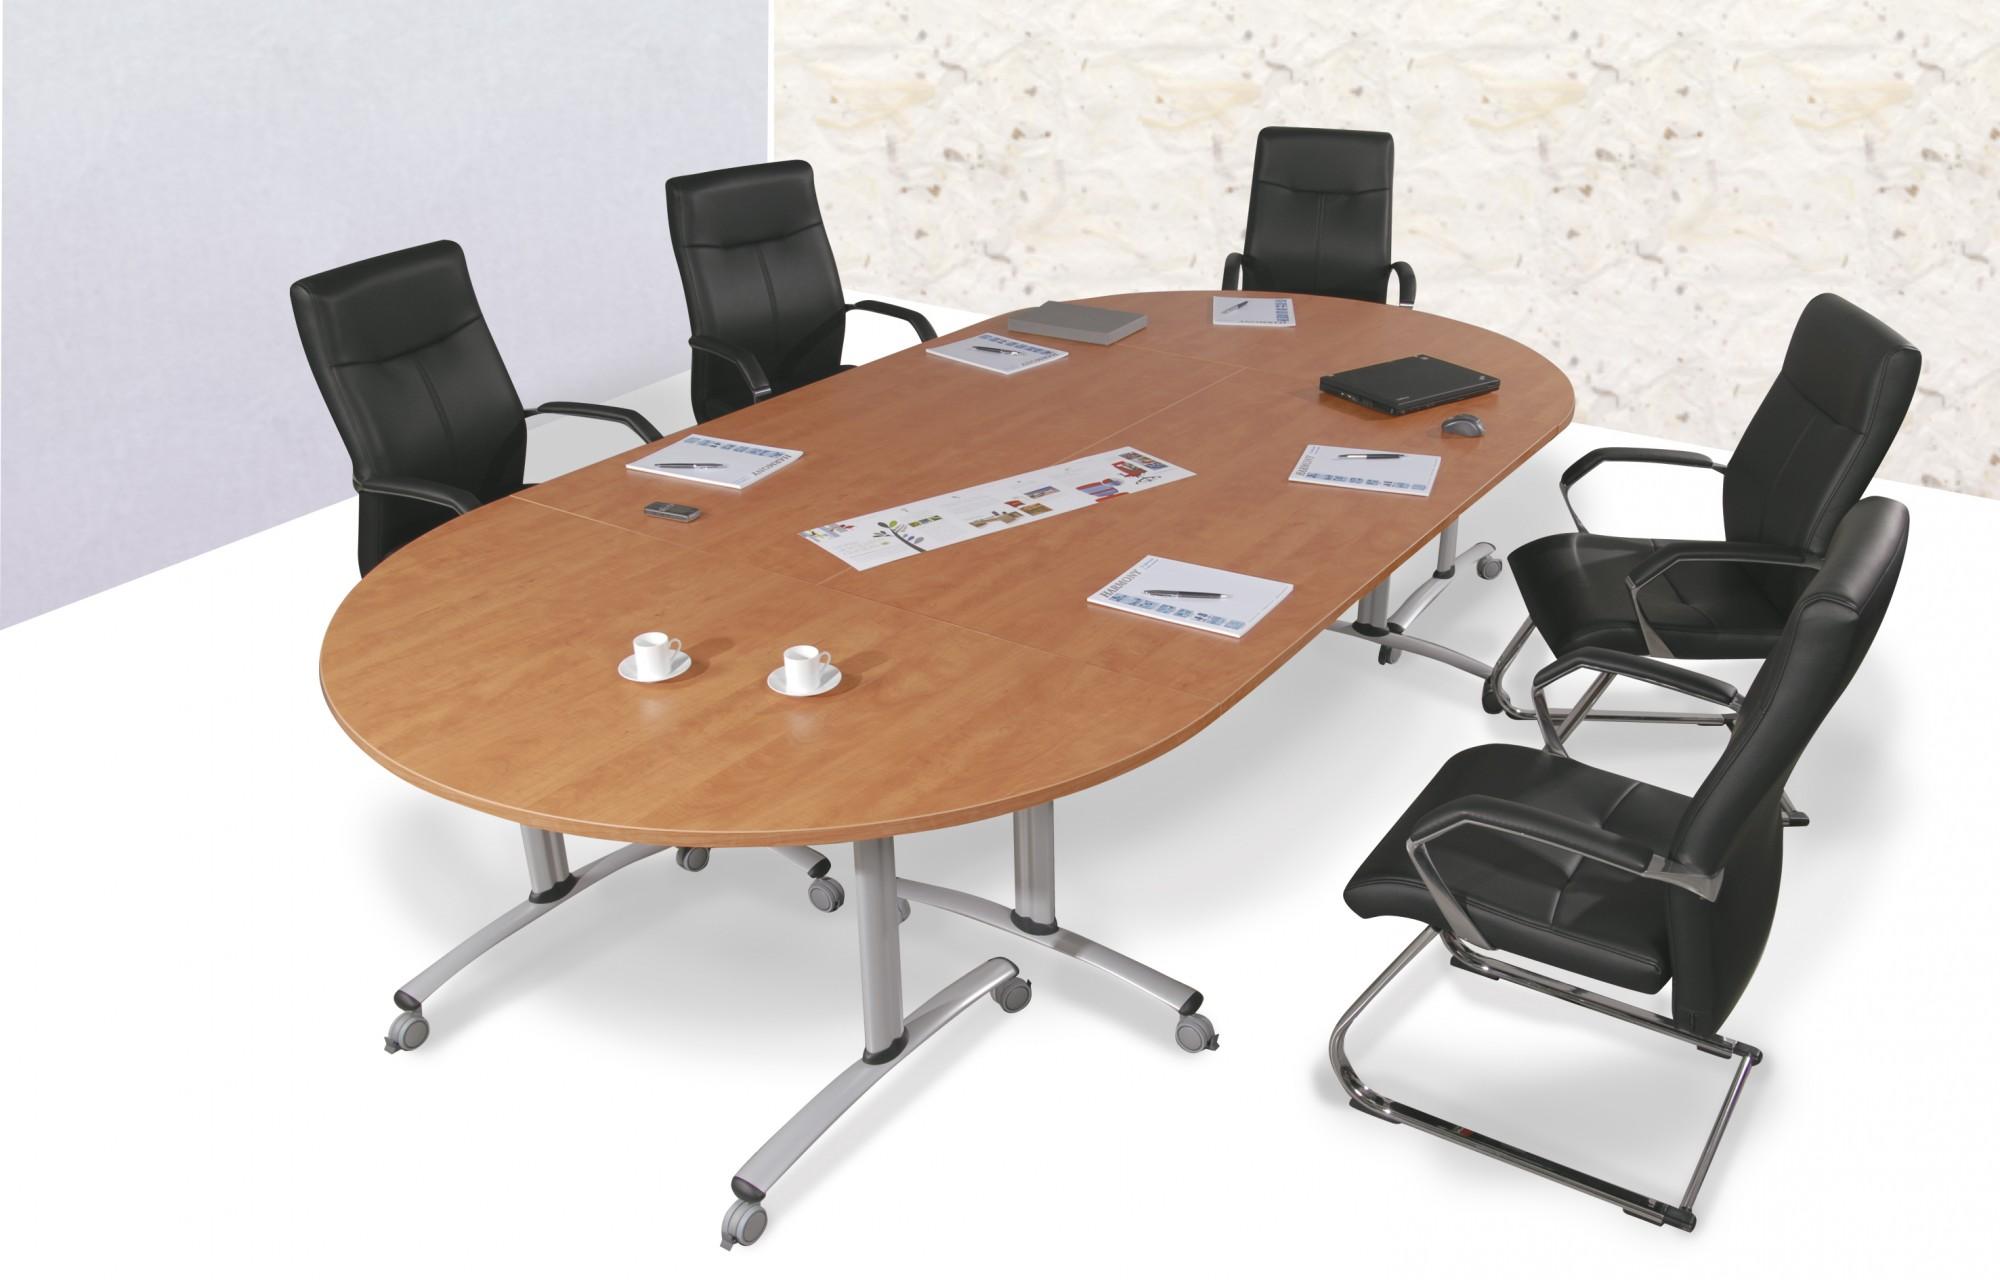 table basculante abattante tbc 180 cm achat tables pliantes et abattantes 391 00. Black Bedroom Furniture Sets. Home Design Ideas